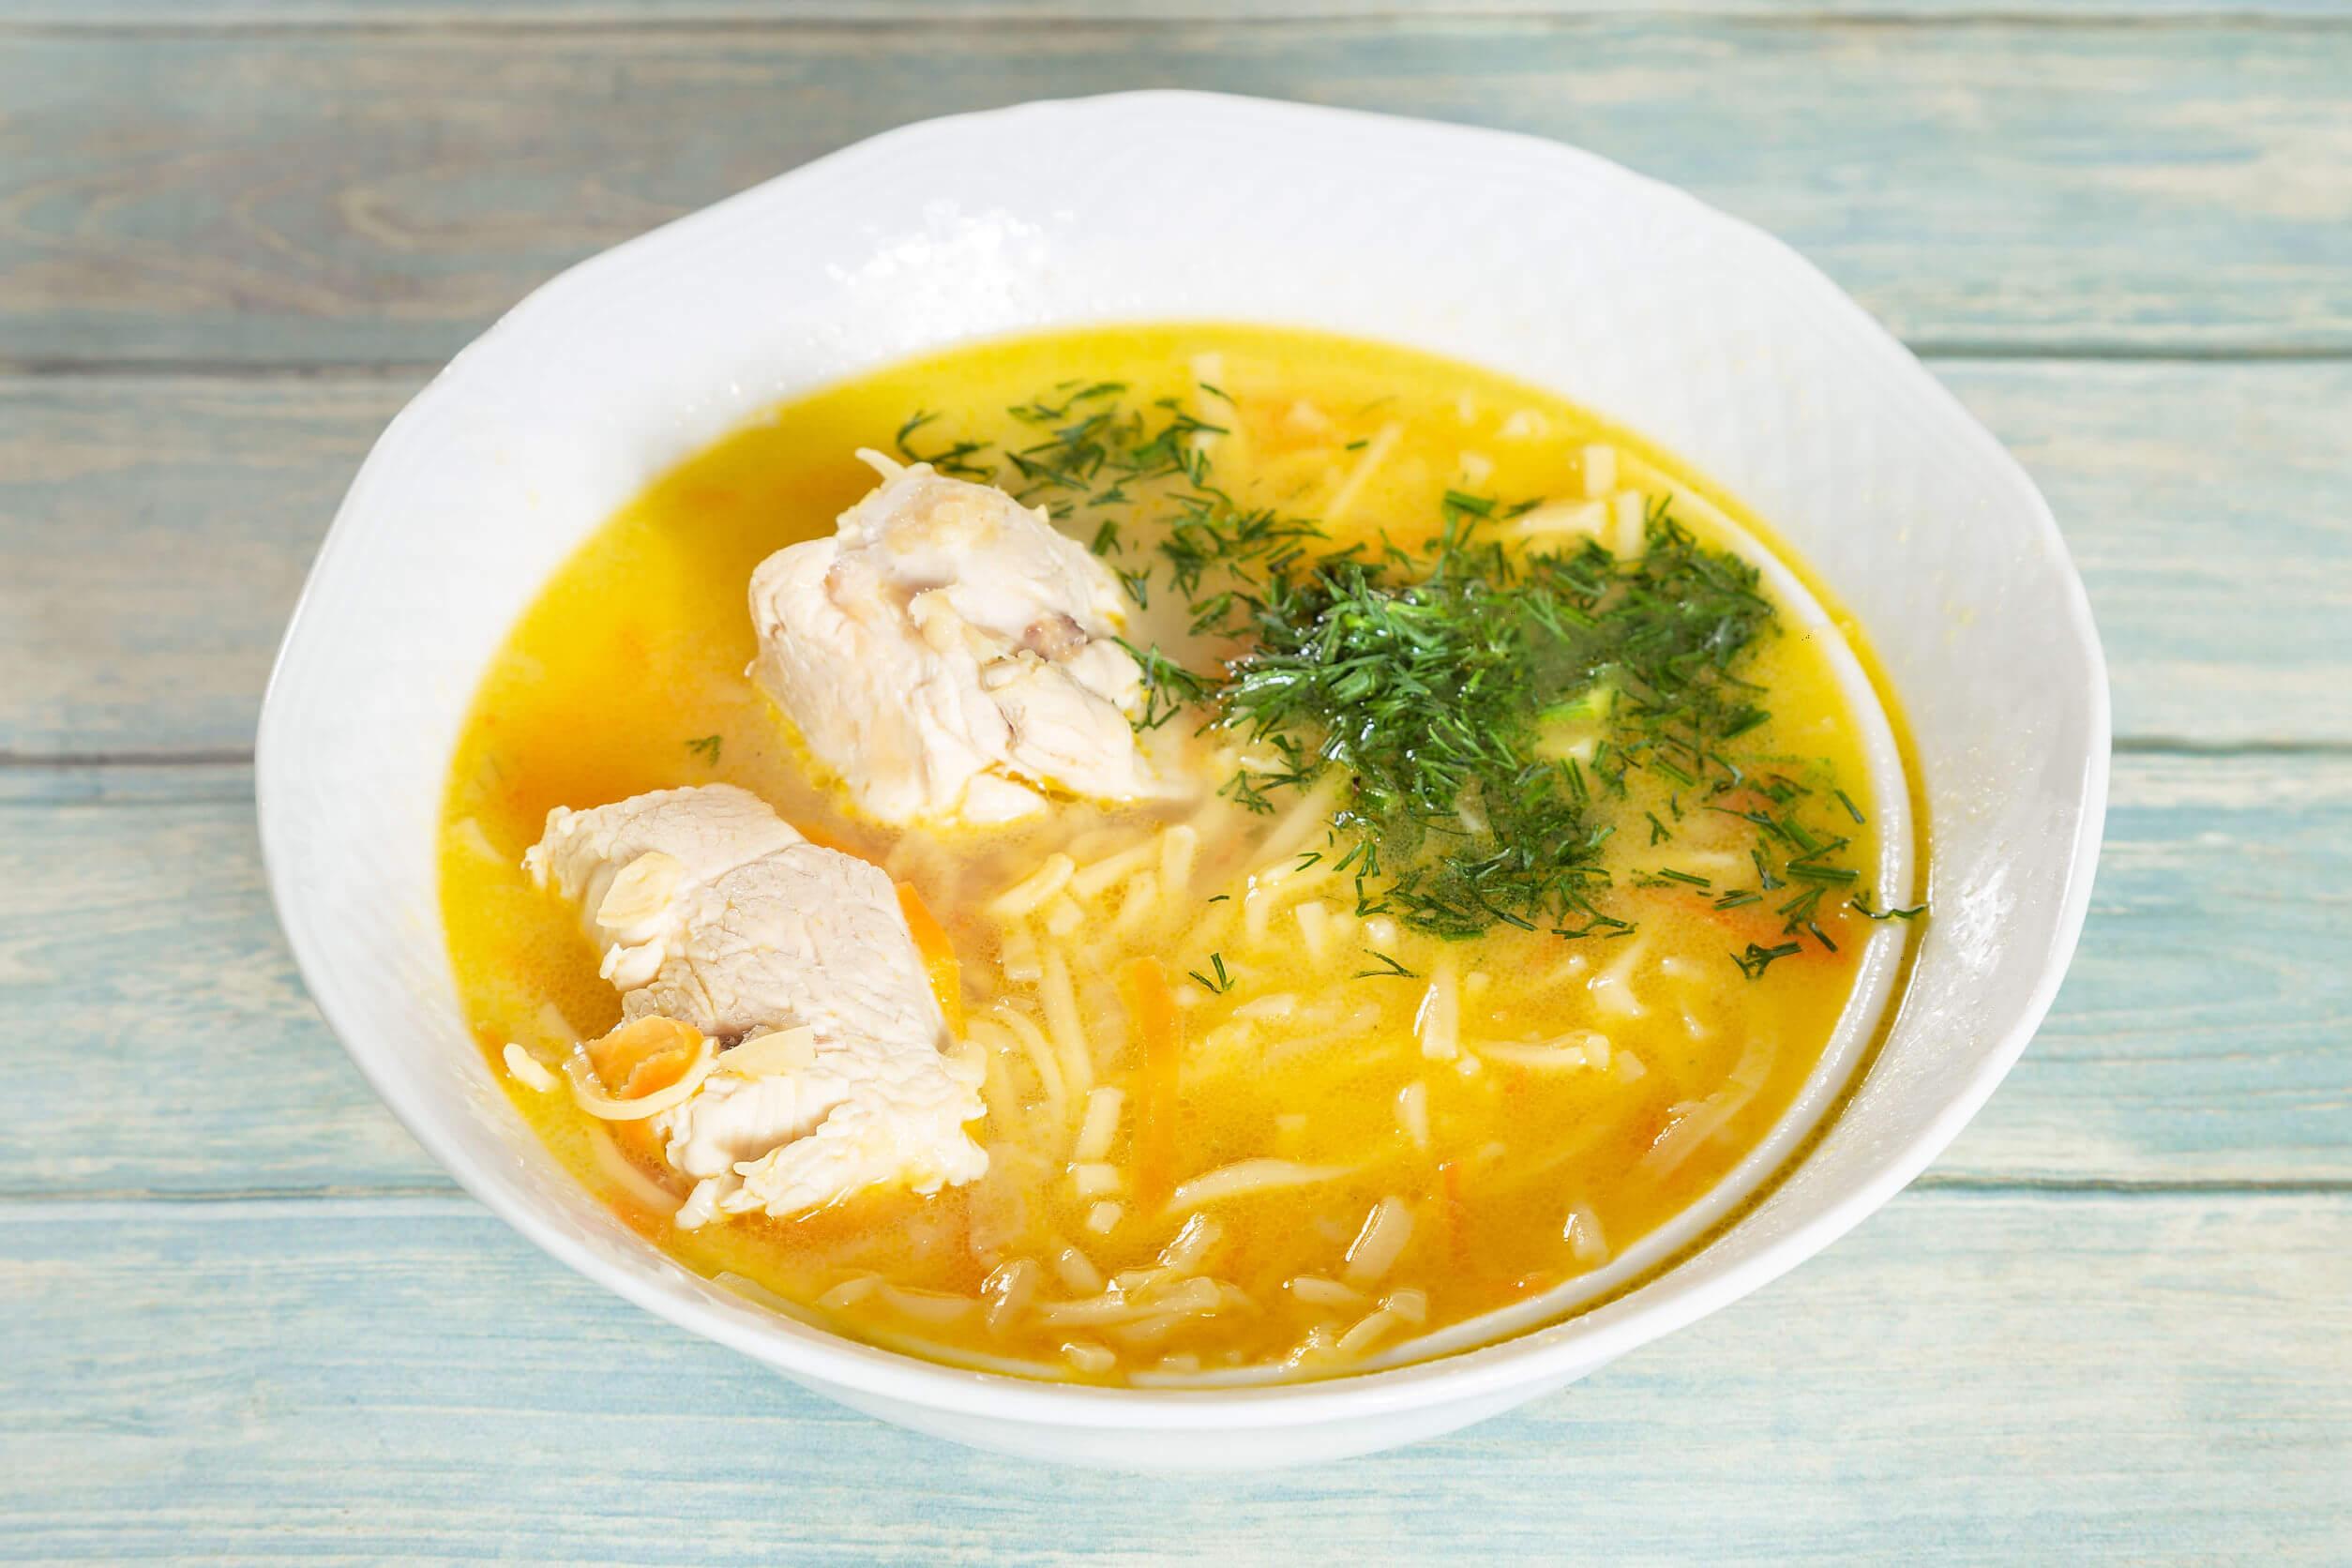 La sopa quemagrasa incluye pollo.